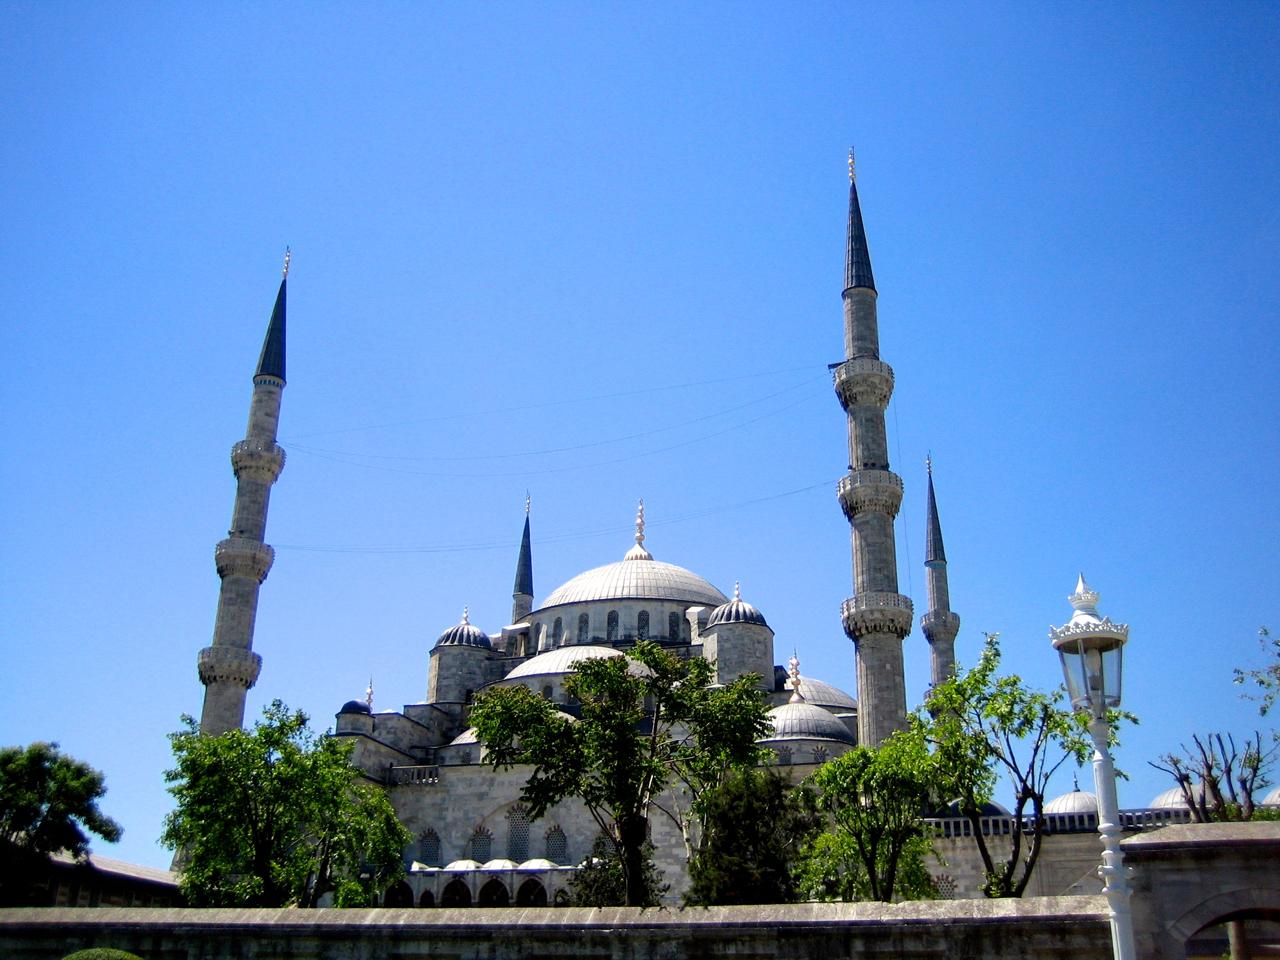 Die blaue Moschee in Istanbul ist die TOP-Sehenswürdigkeit der Metropole am Bosporus.